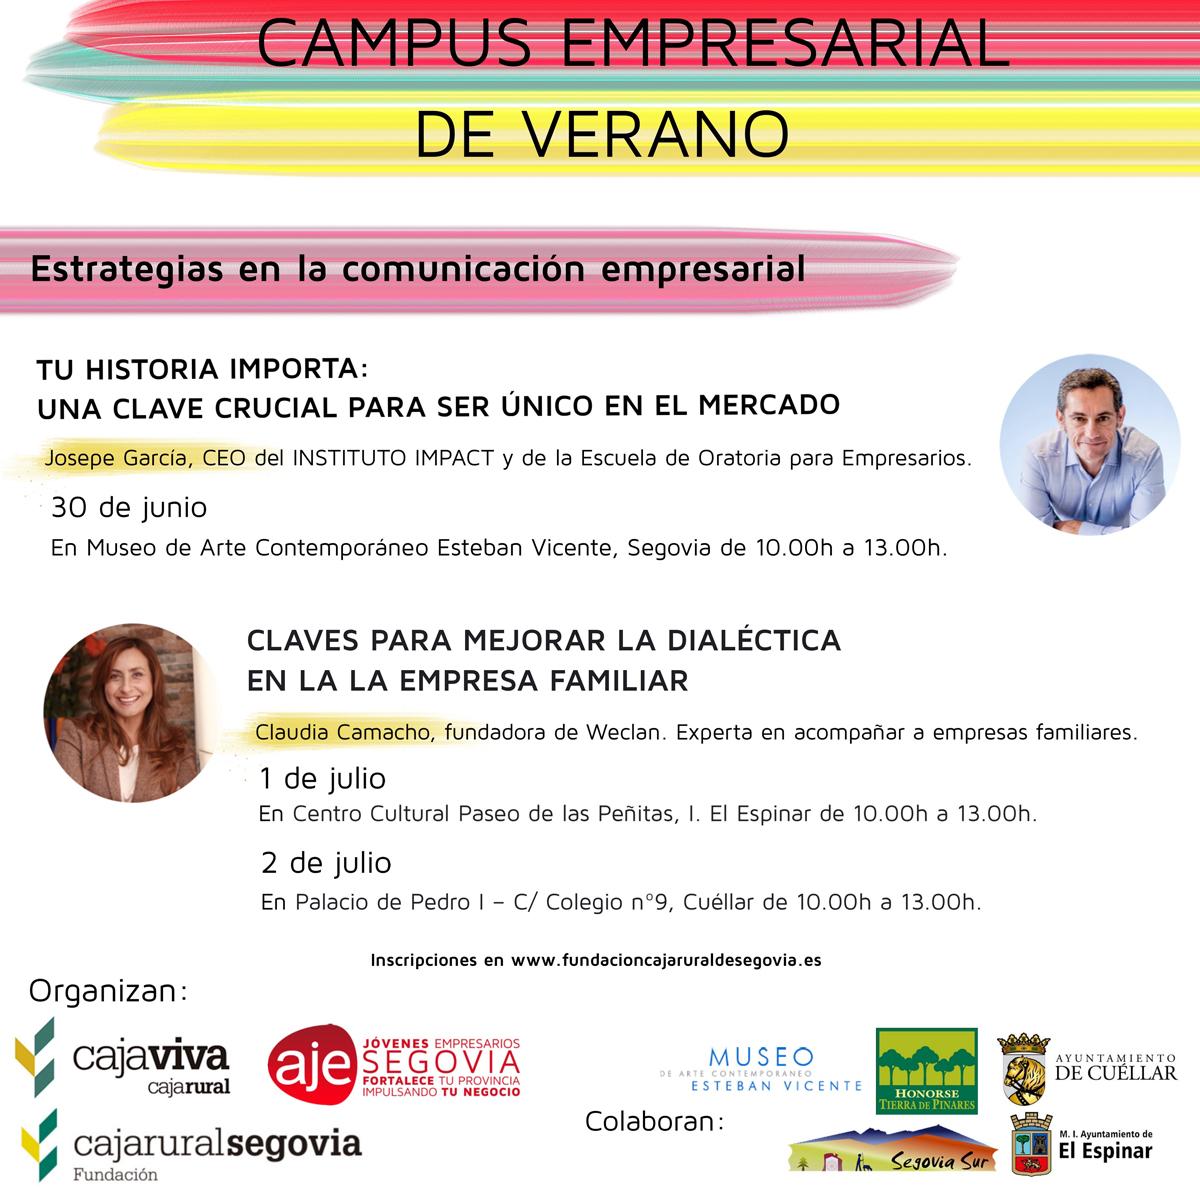 Vuelve el Campus Empresarial de Verano organizado por la Fundación Caja Rural, CajaViva Caja Rural, y la Asociación de Jóvenes Empresarios.